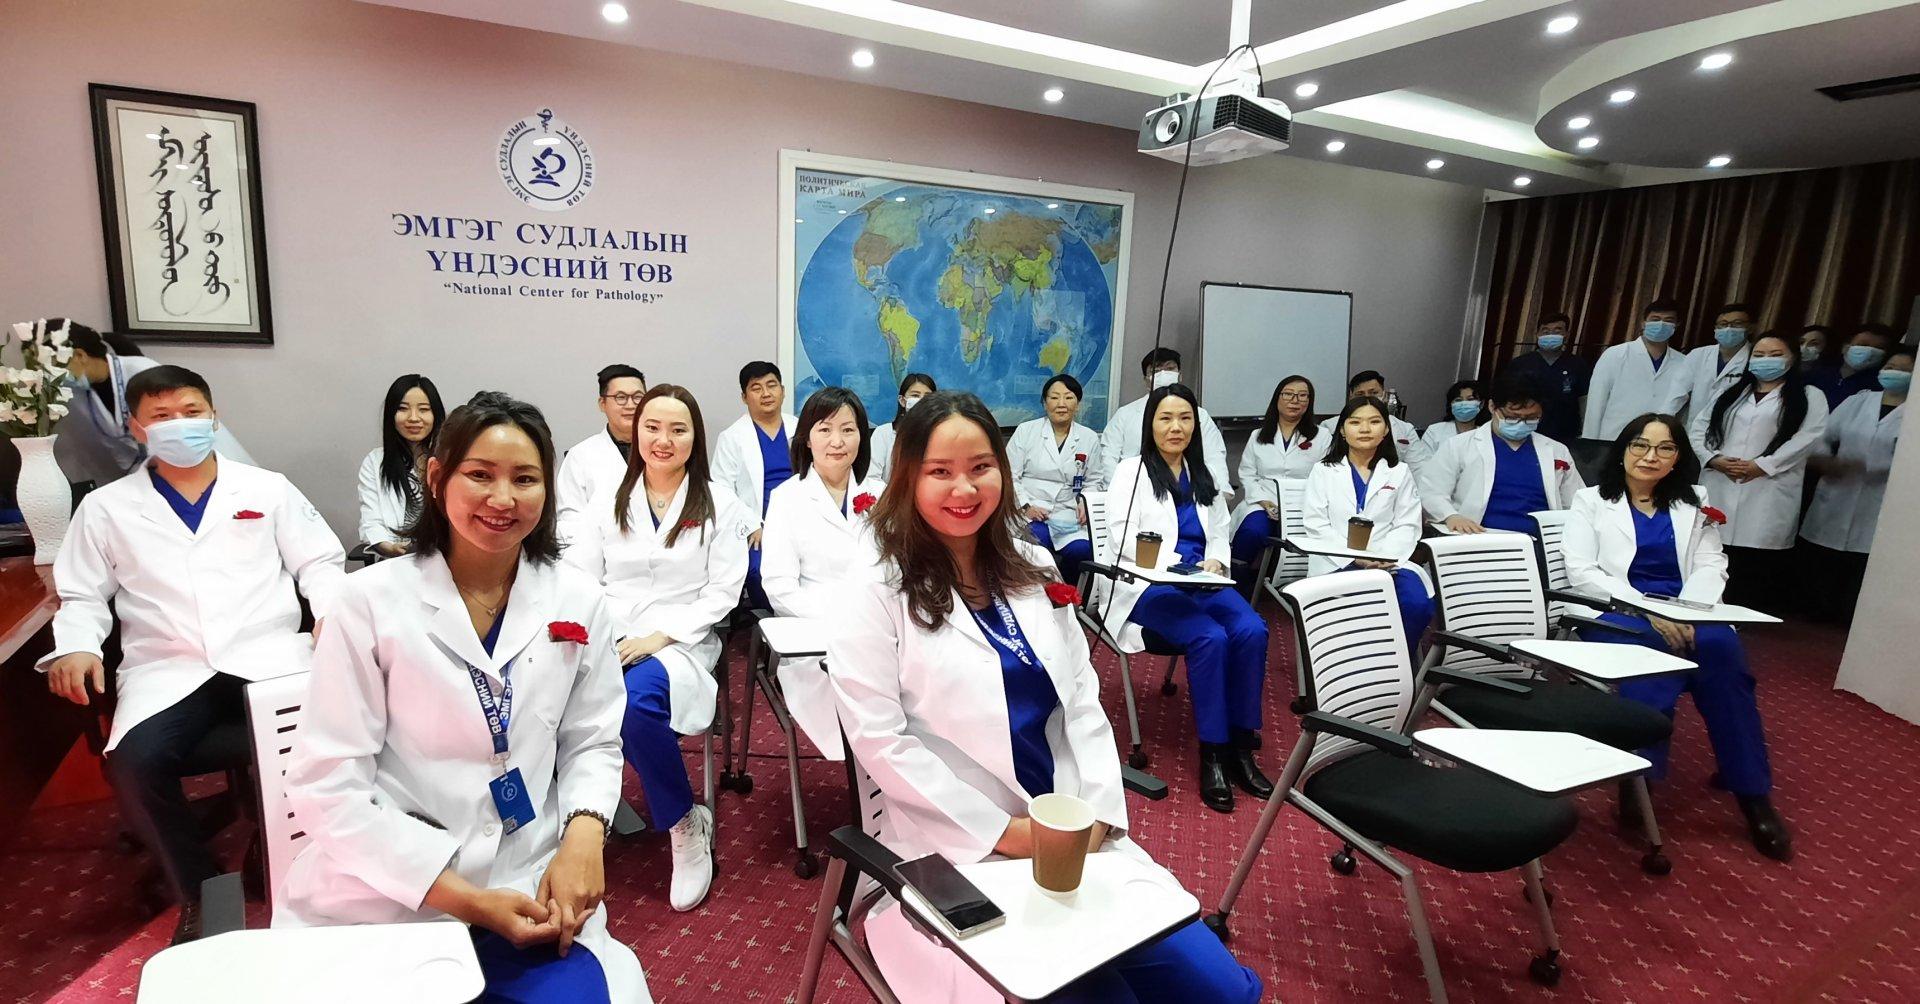 Дэлхийн эмч нарын өдрийн баярын мэнд хүргэе